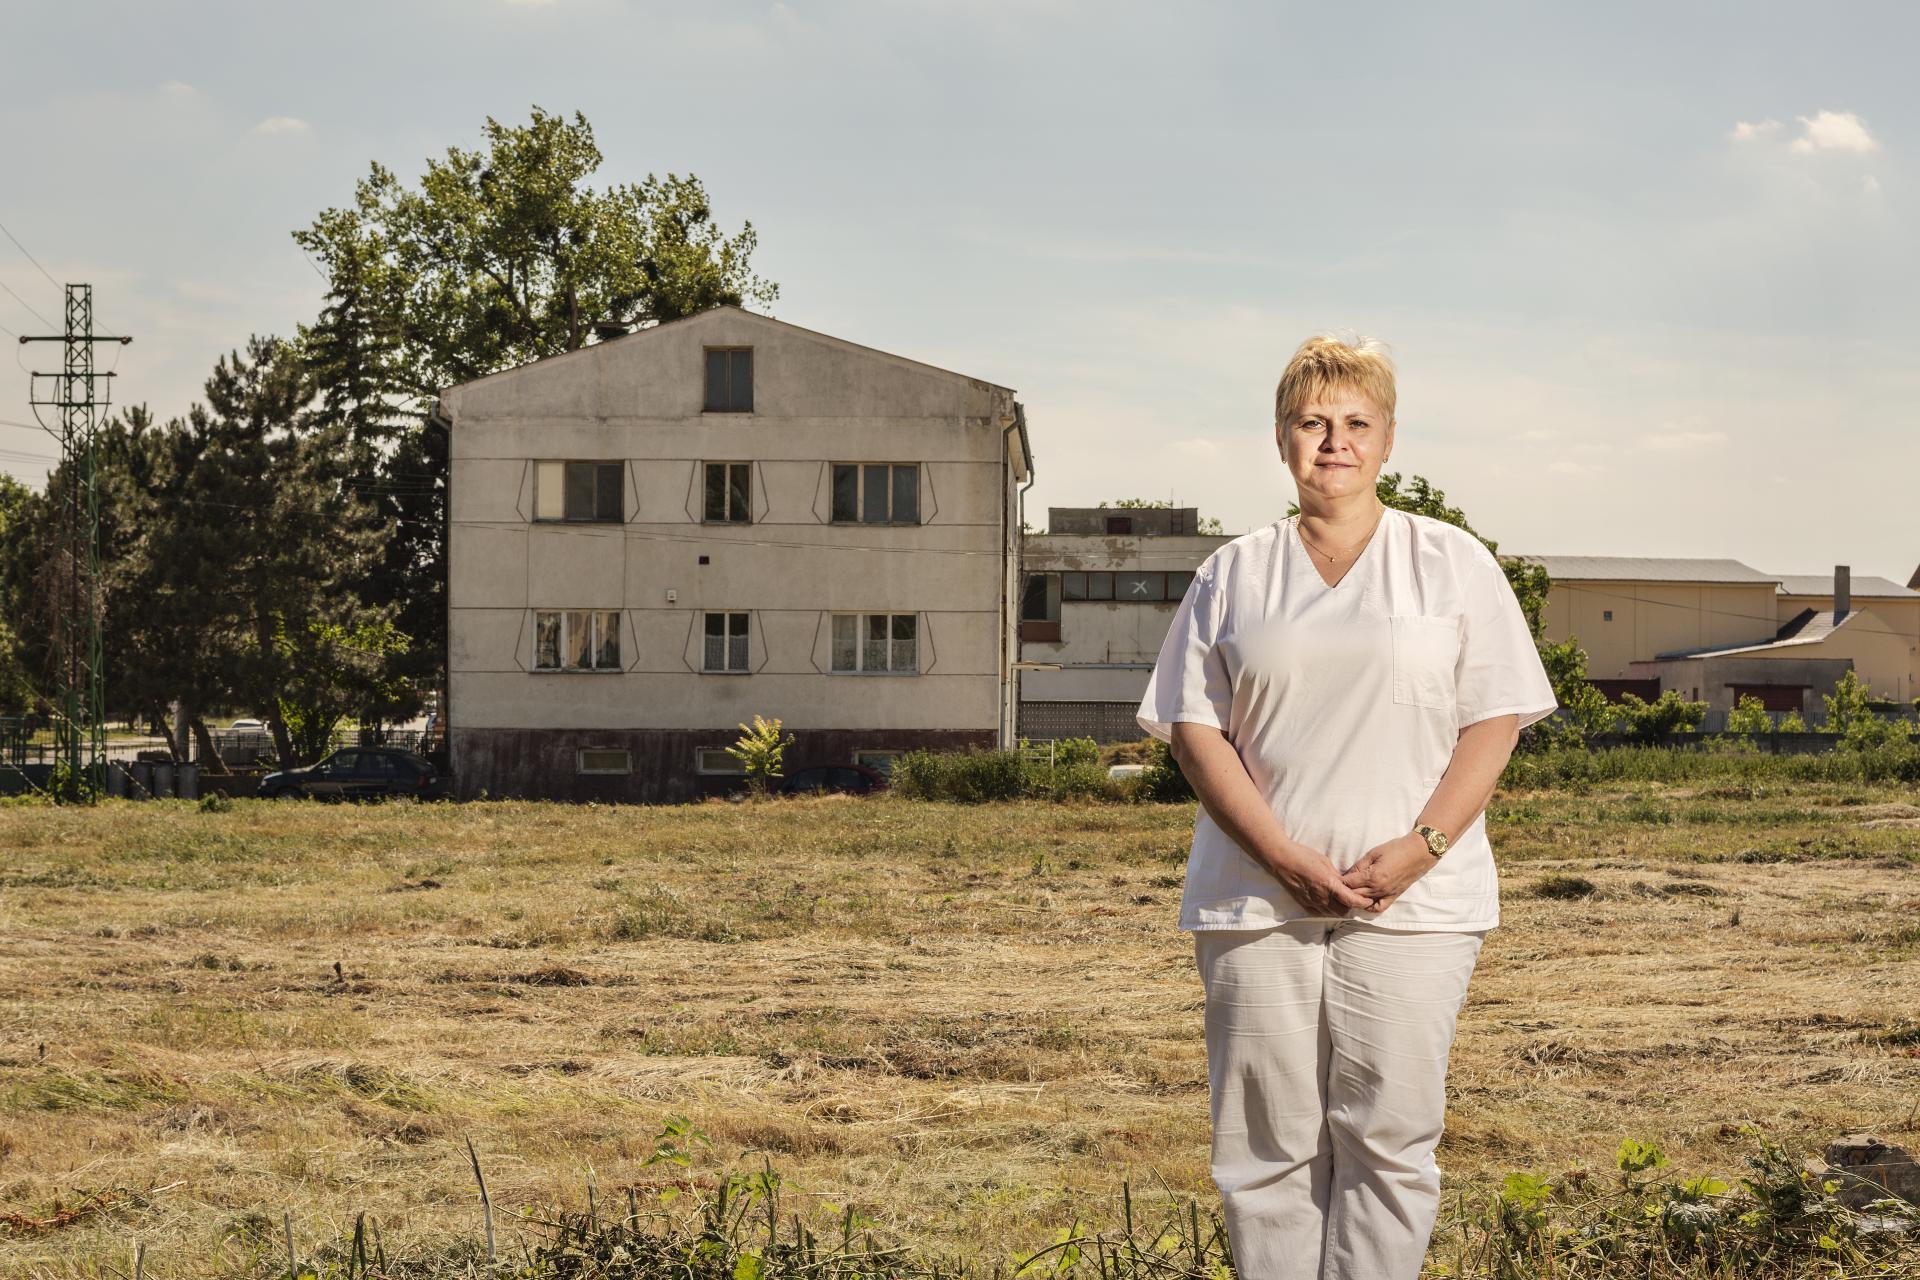 Doktorka Monika Palušková ordinuje v Bátorových Kosihách, no okrem toho je aj hlavnou odborníčkou Ministerstva zdravotníctva pre všeobecné lekárstvo. Chce do ambulancií všeobecných lekárov vrátiť reálnu medicínu.